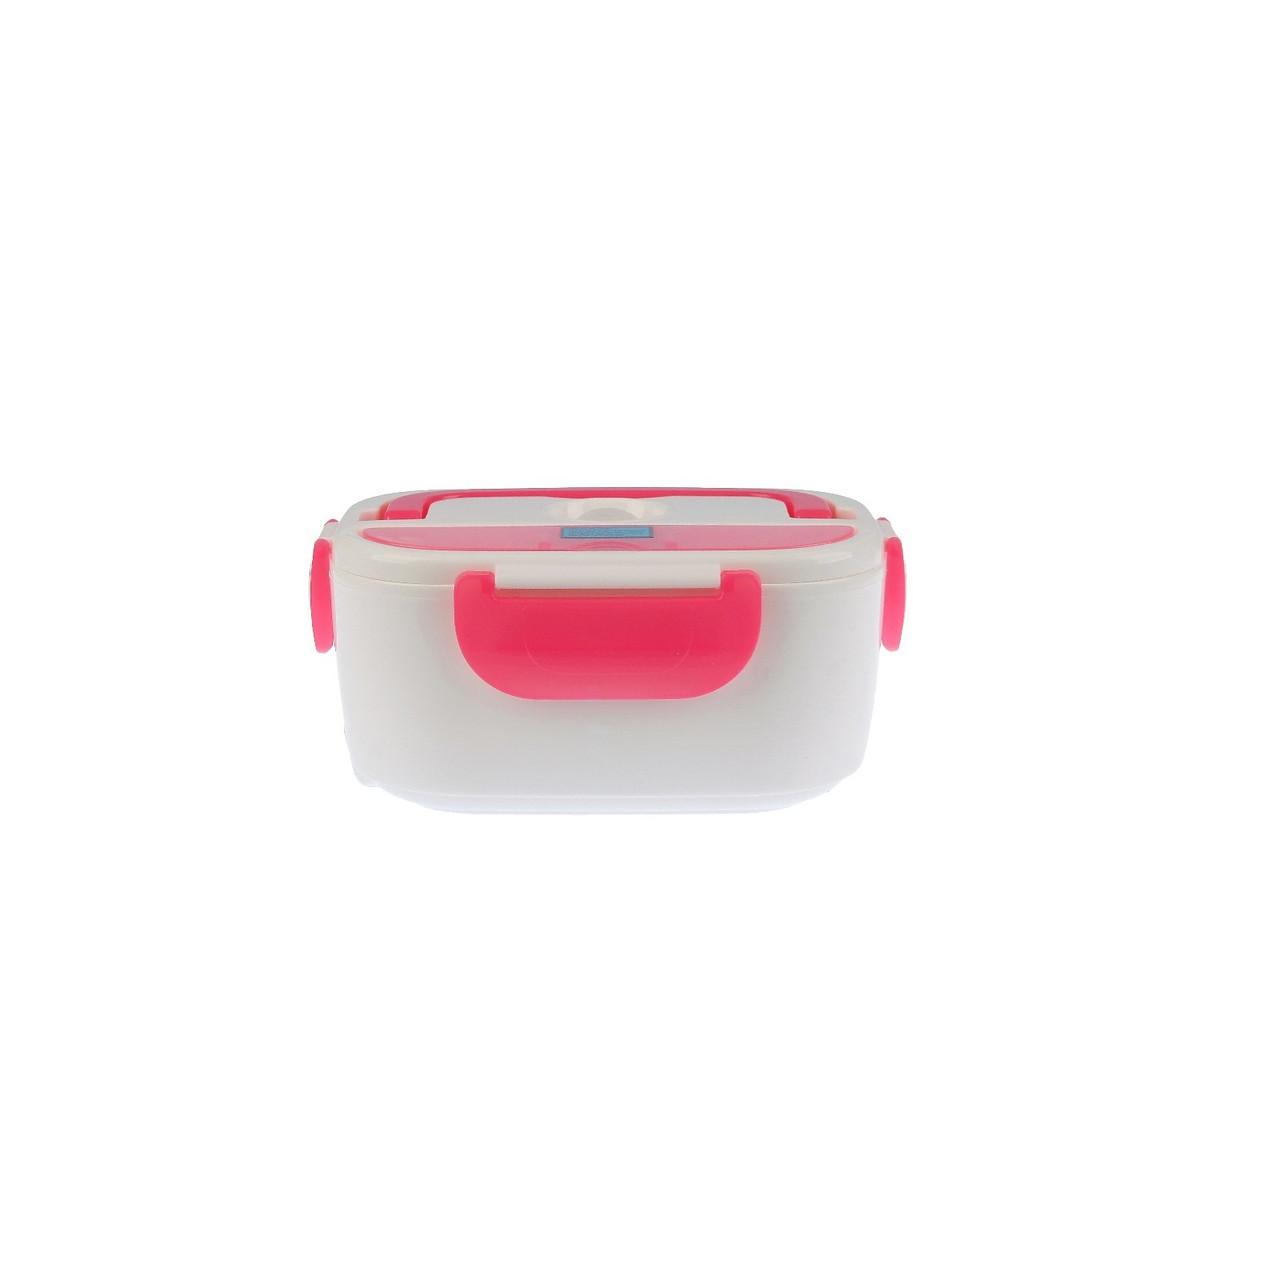 Контейнер для еды с подогревом the Electric Lunch Box 1.05 л Розовый